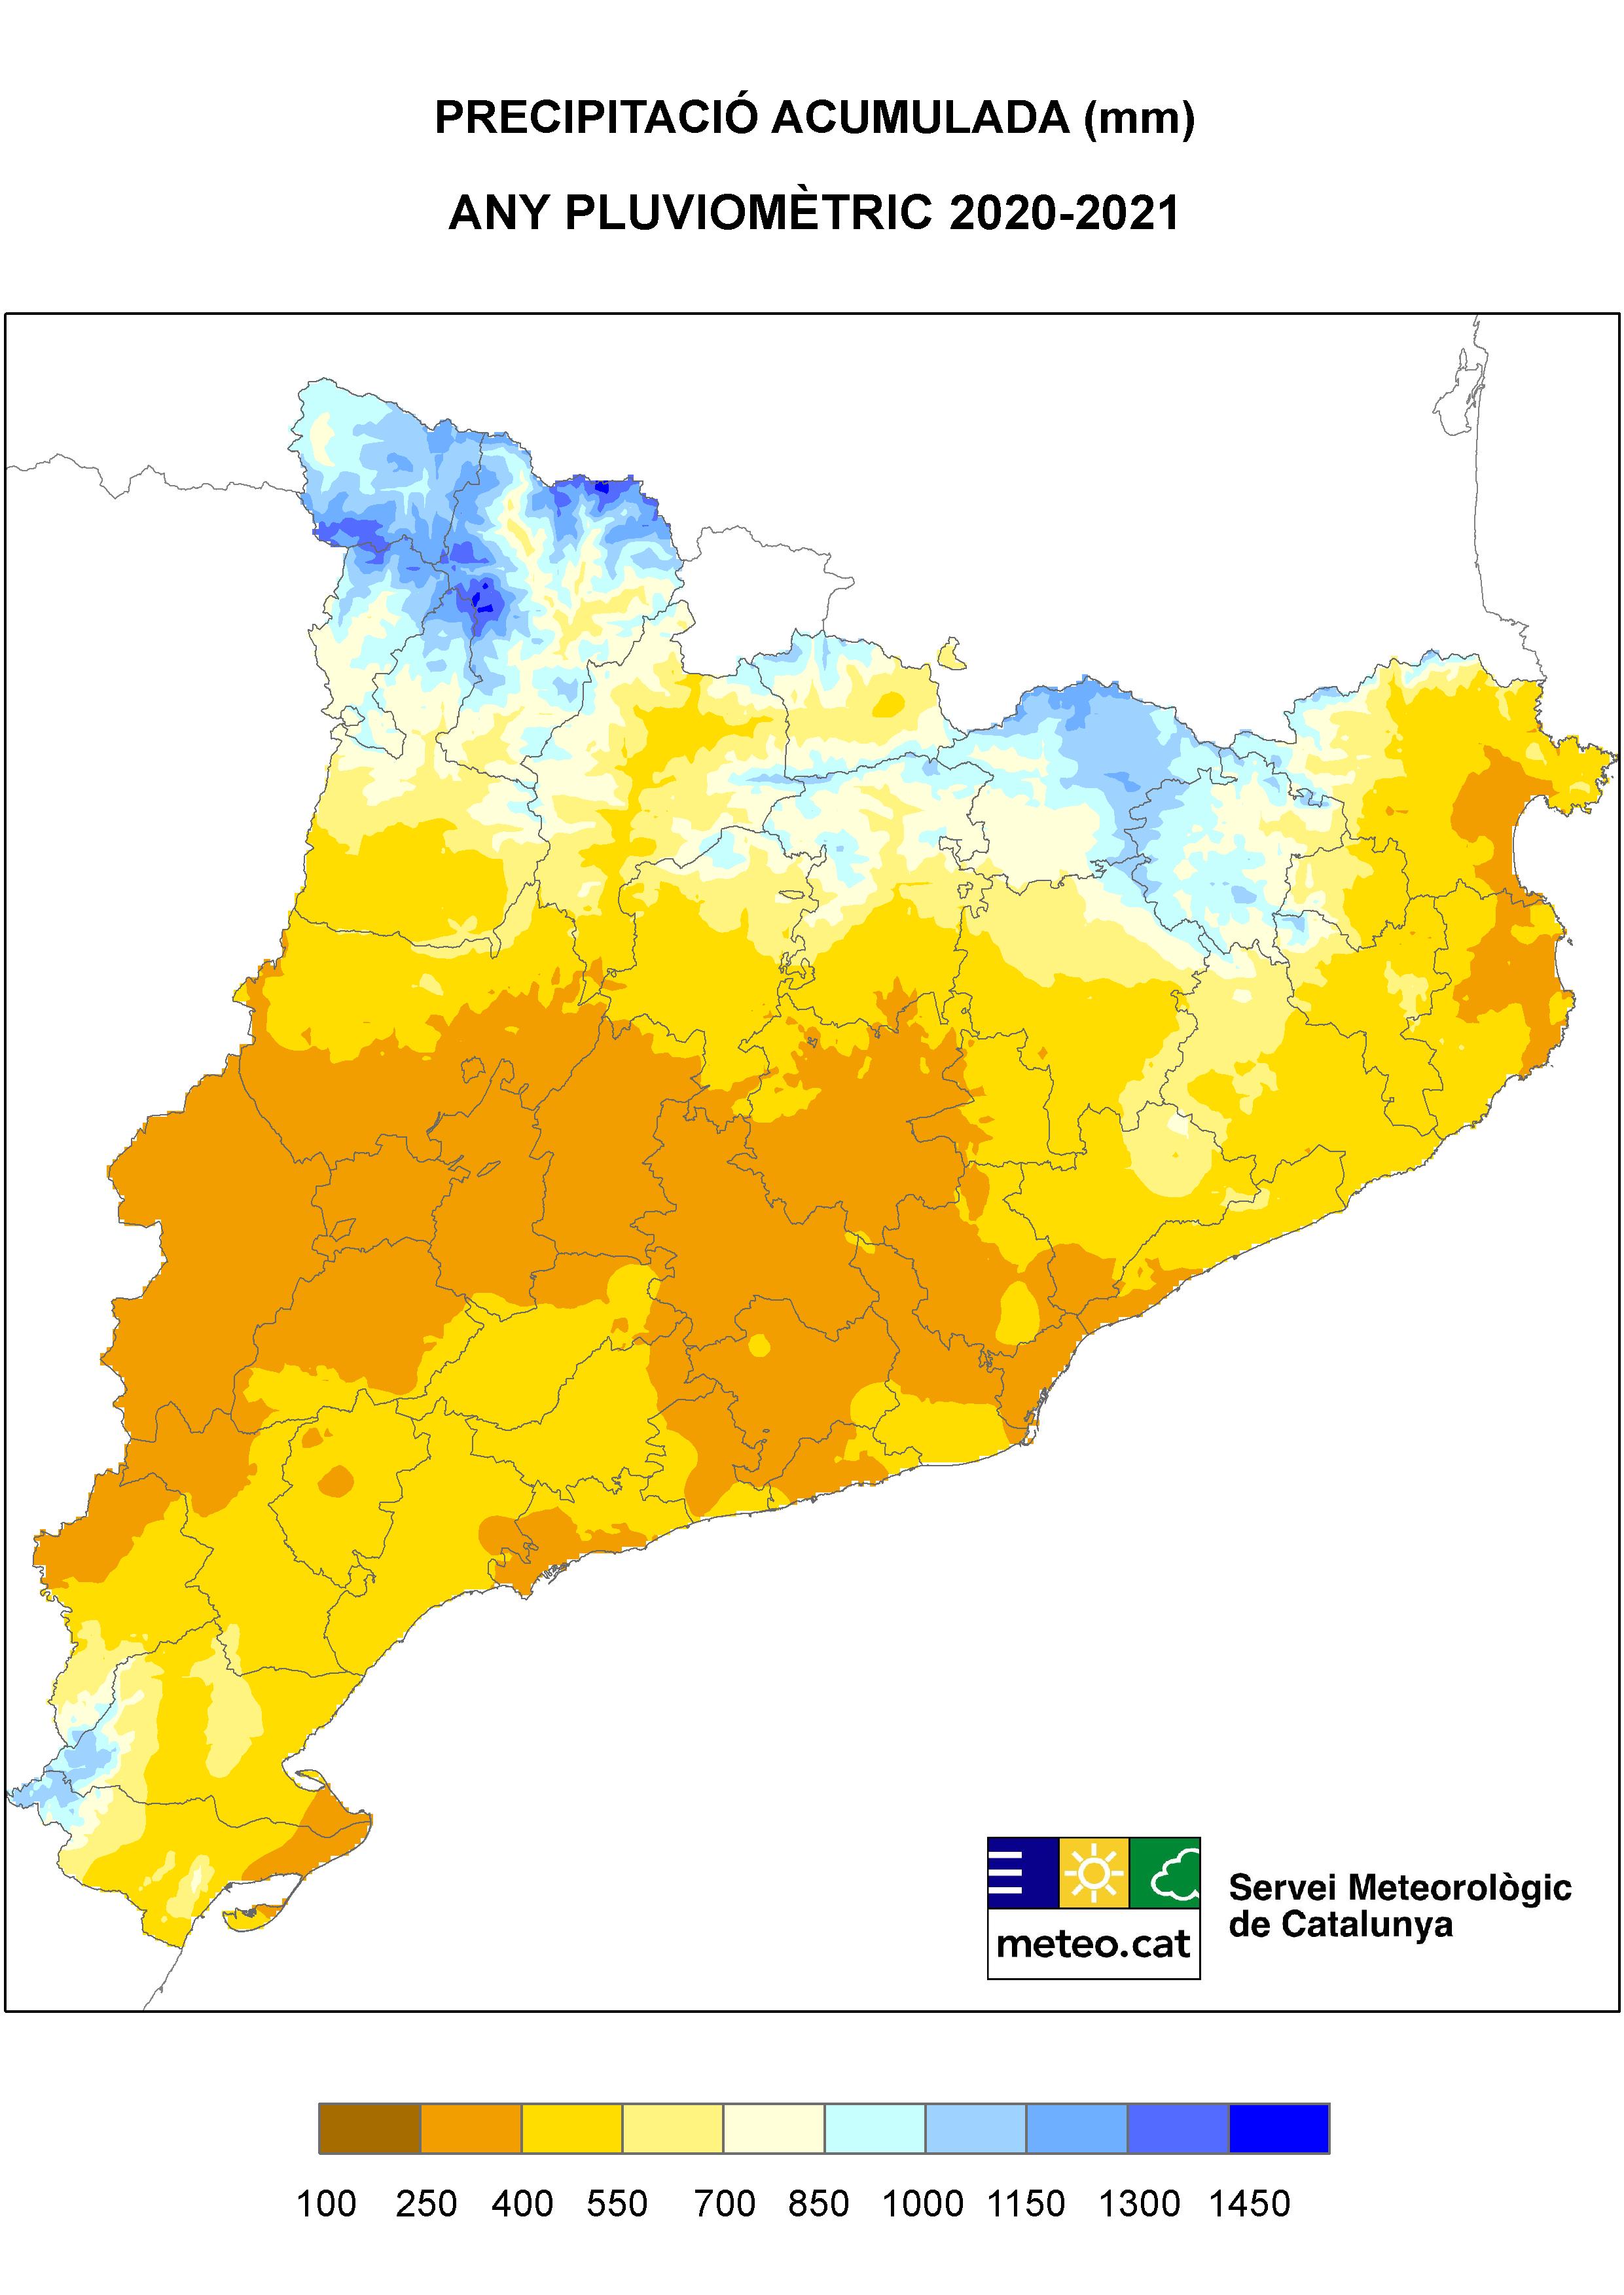 Mapa de precipitació acumulada